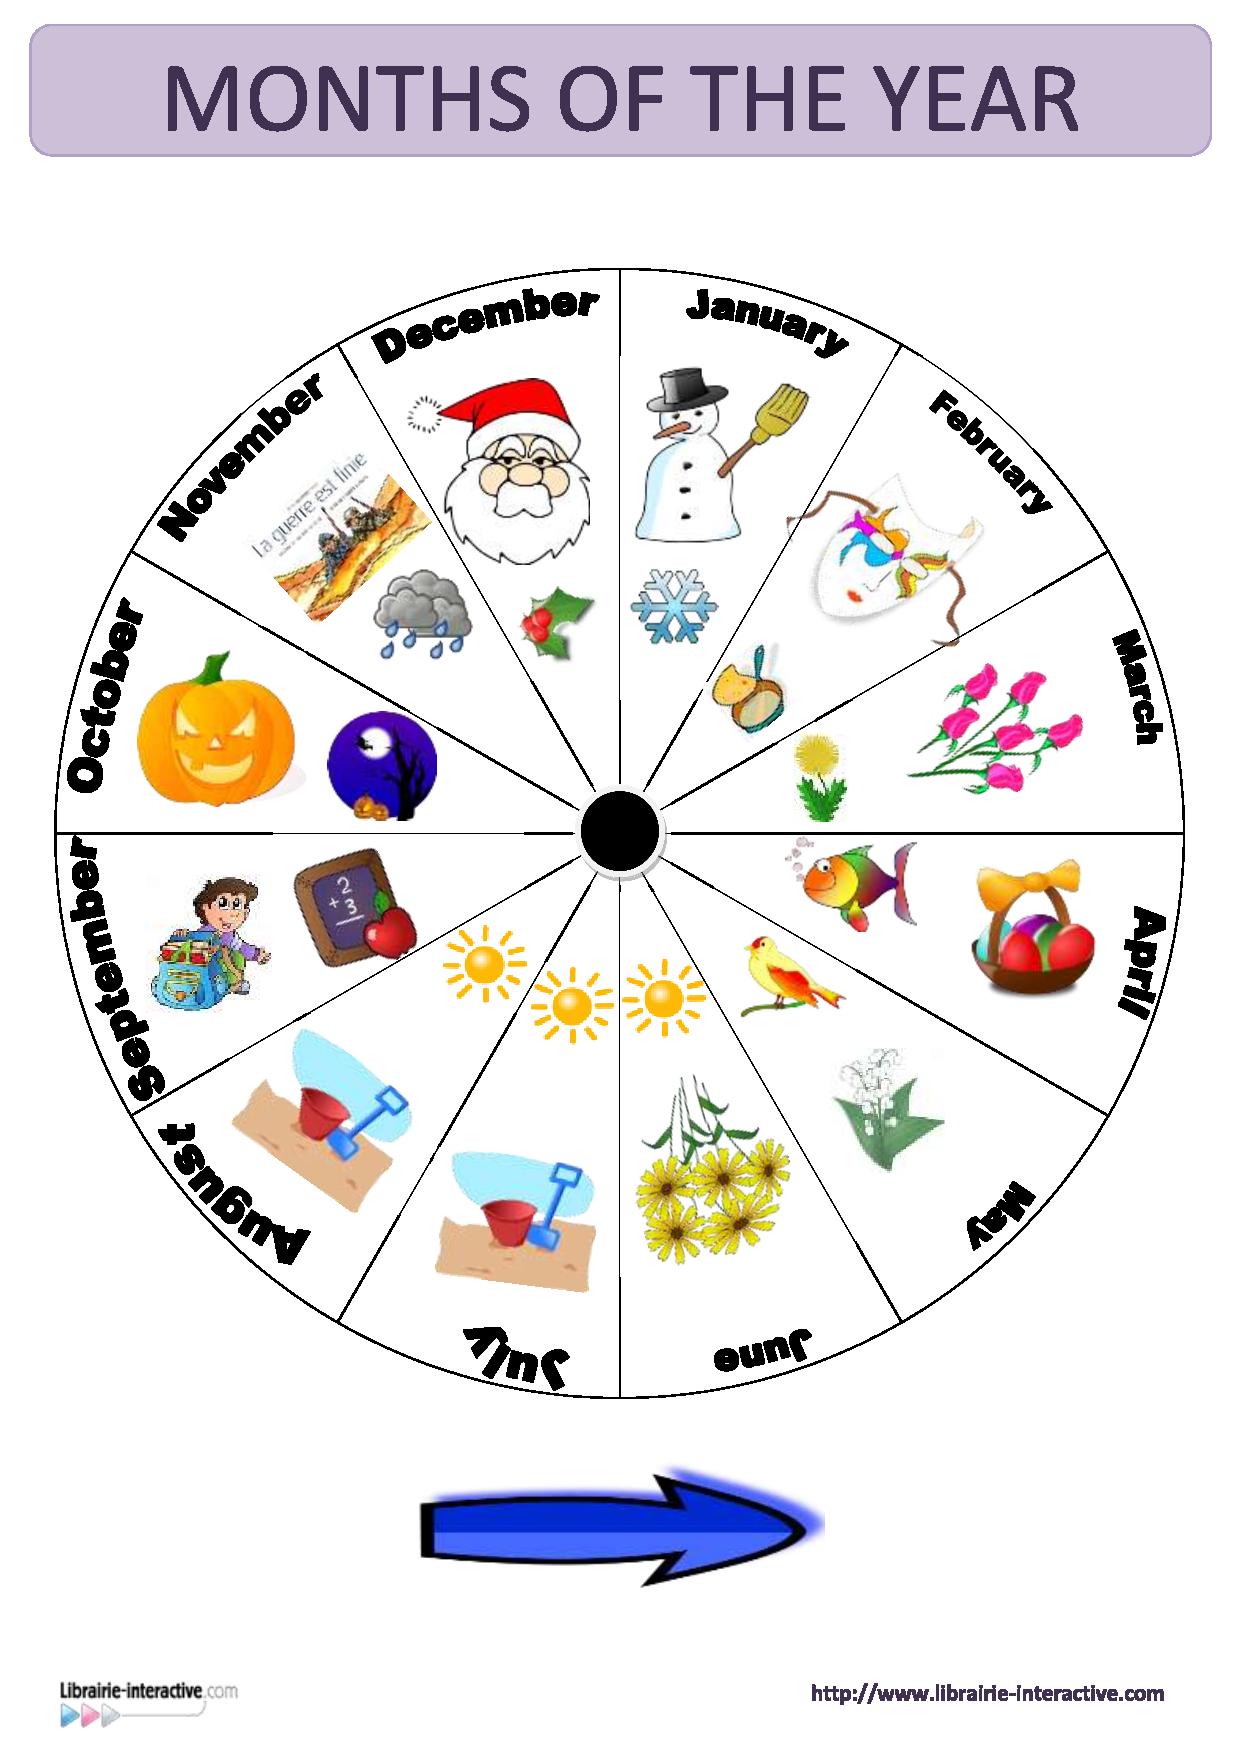 Une Horloge Murale Représentant Les Mois De L'année Pour L dedans Jeux Pour Apprendre Les Mois De L Année